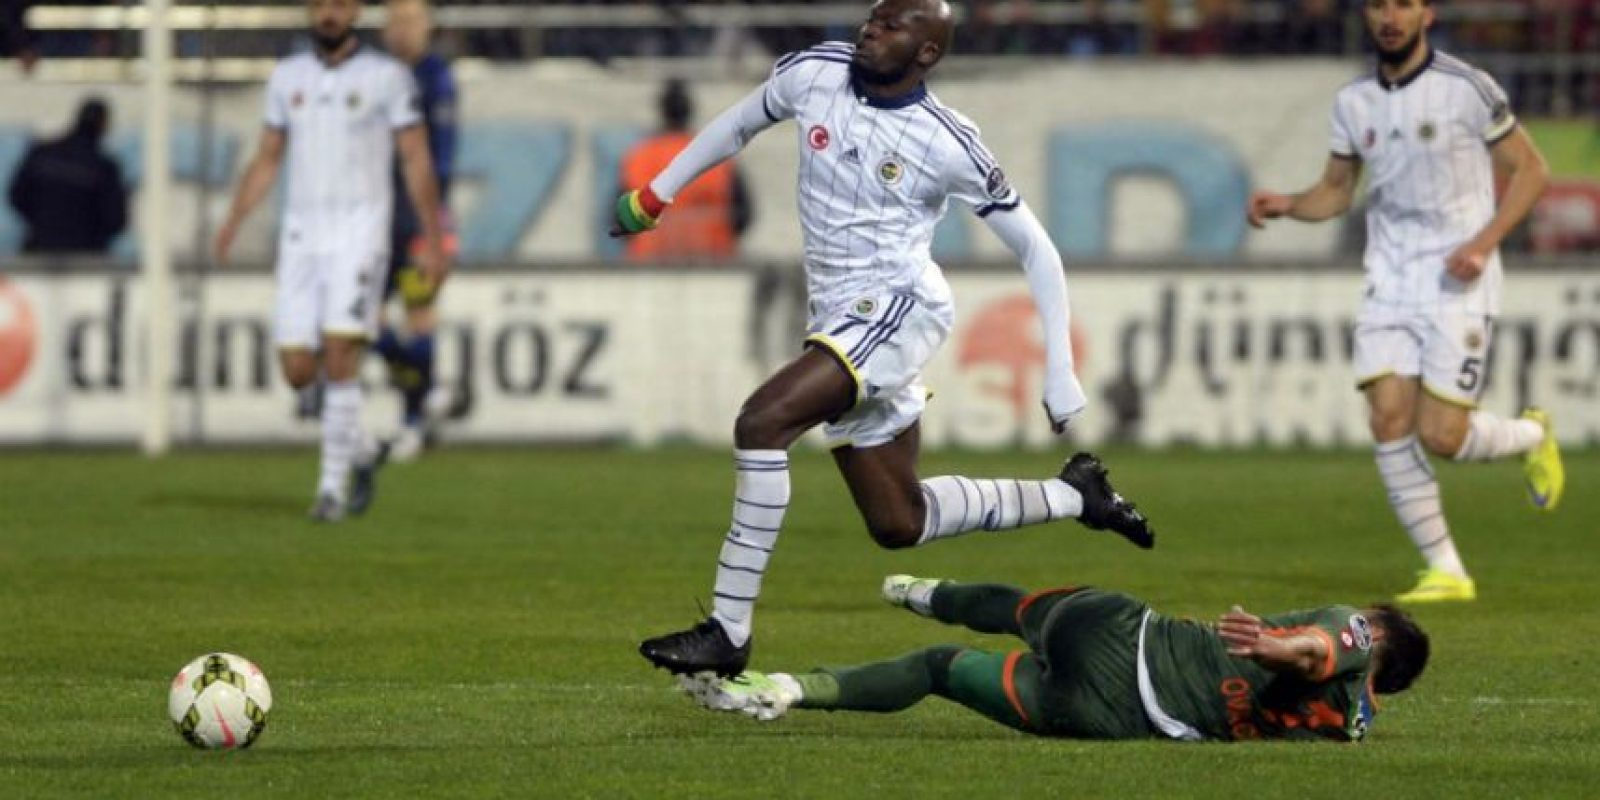 El Fenerbahçe fue atacado después de la victoria por 5-1 sobre el equipo local Rizespor. Foto:AFP